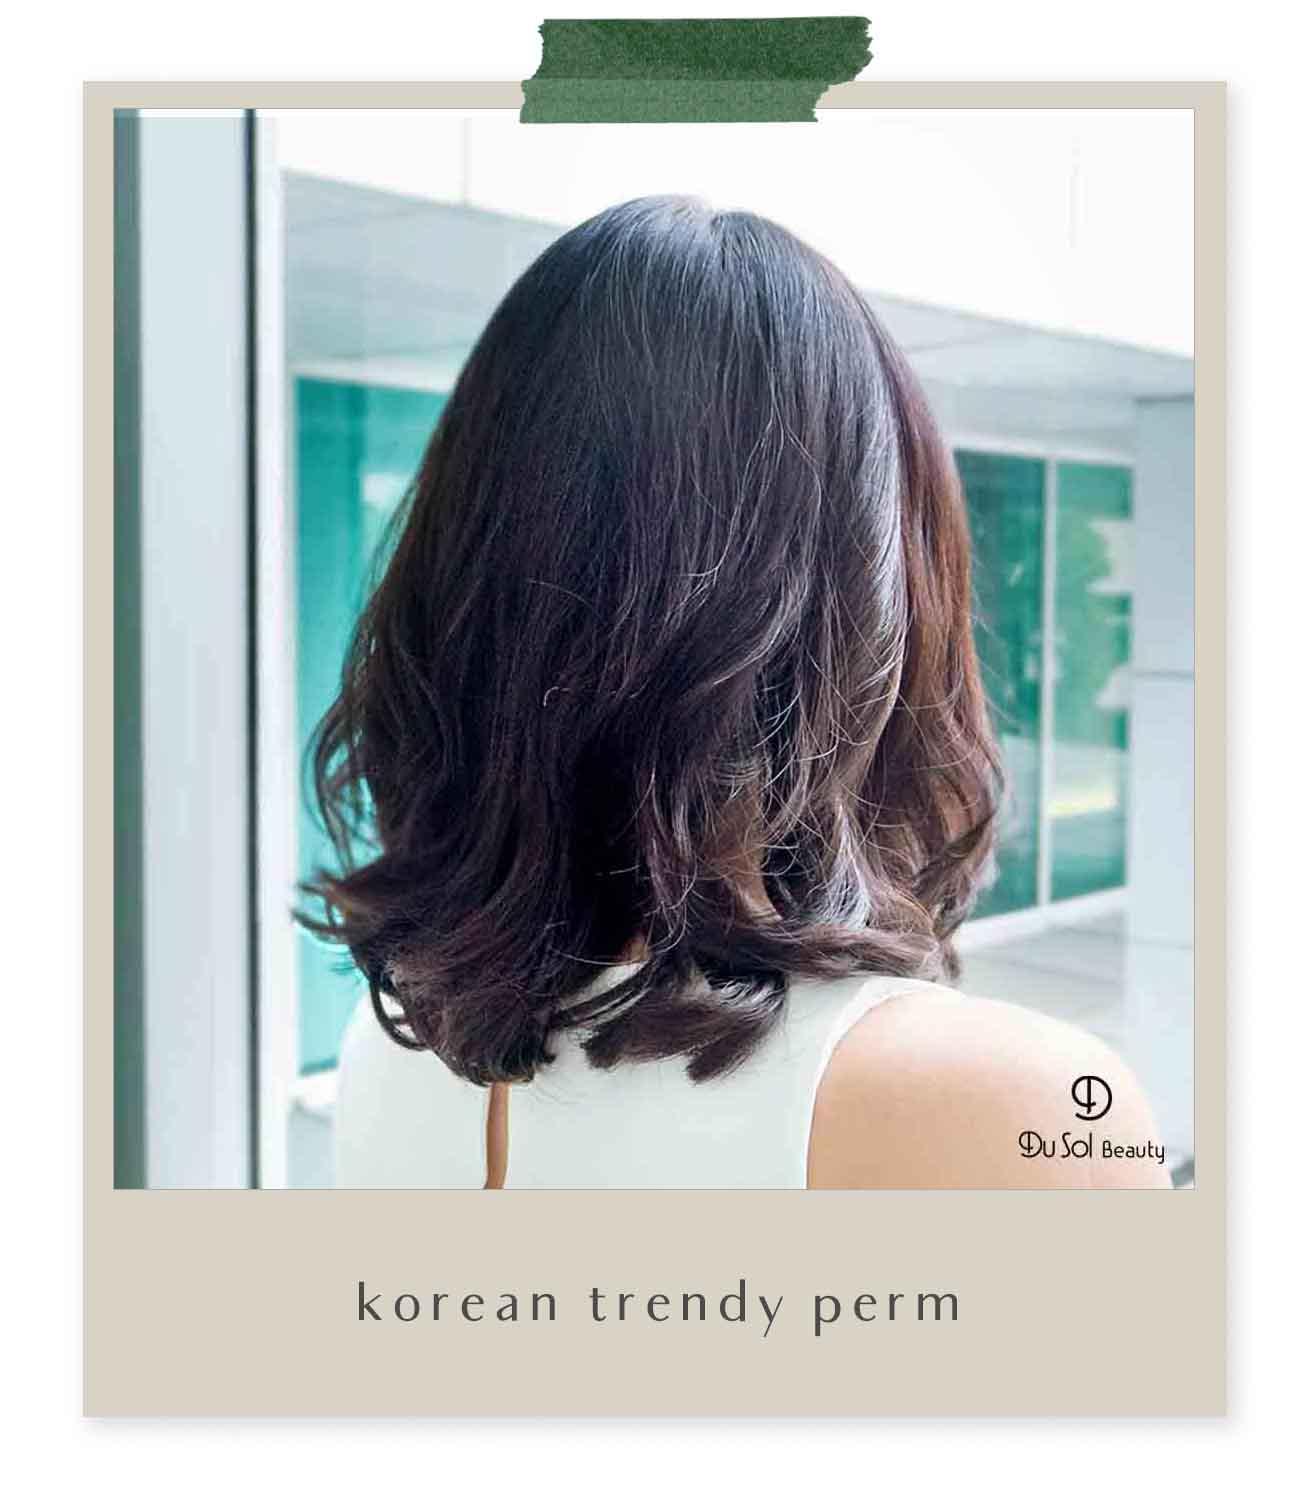 Korean Trendy Perm